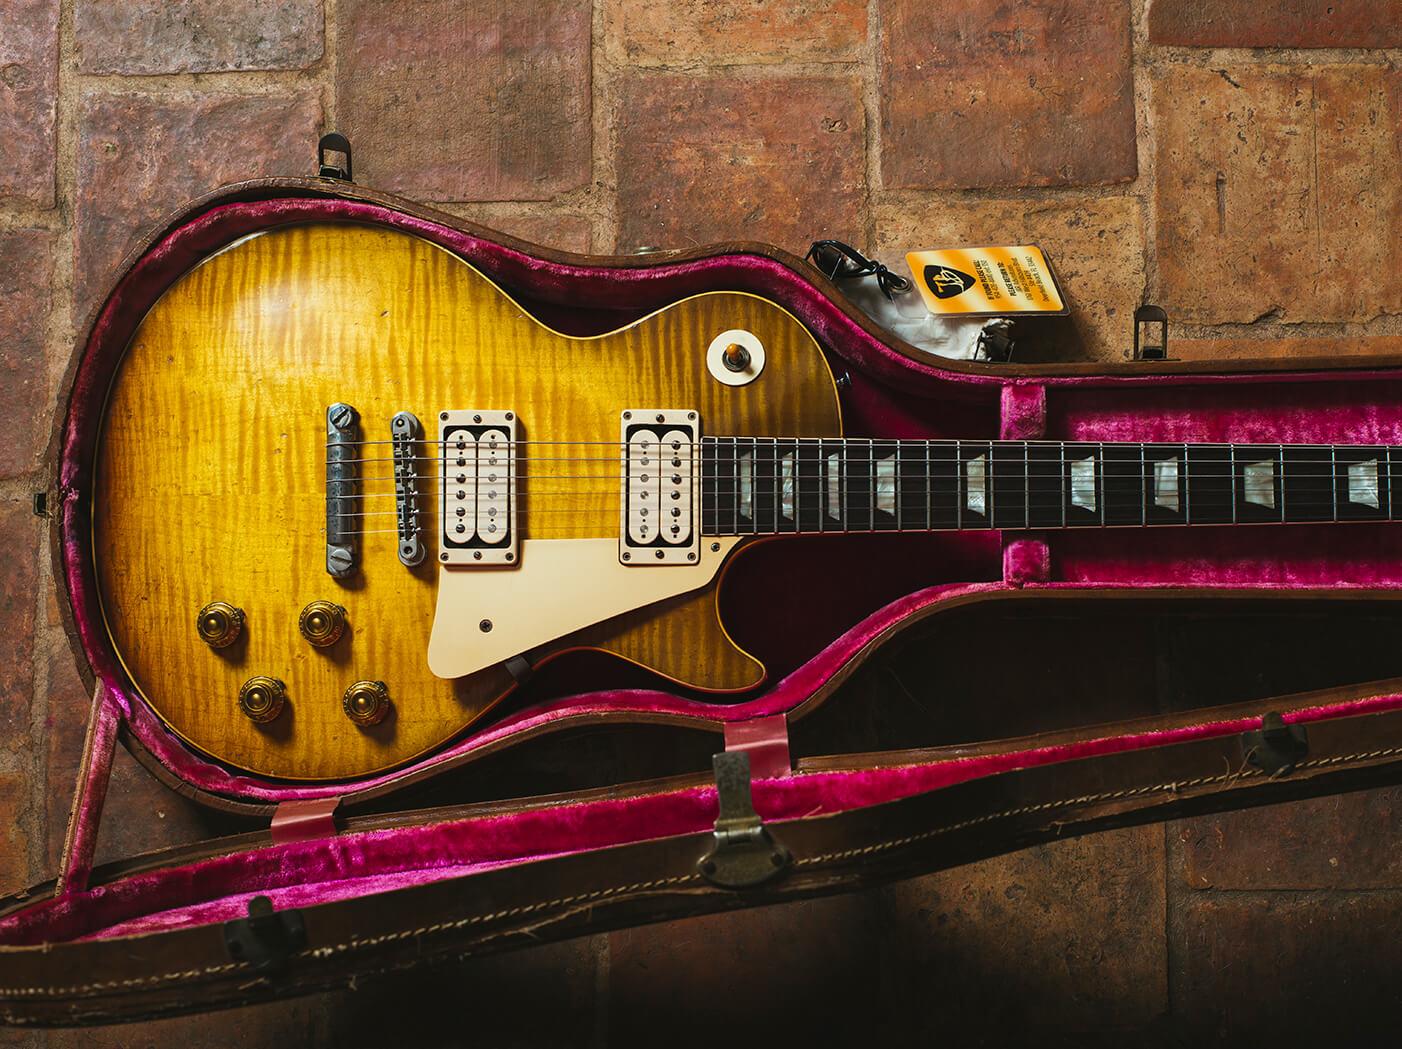 1959 Gibson Les Paul Joe Bonamassa